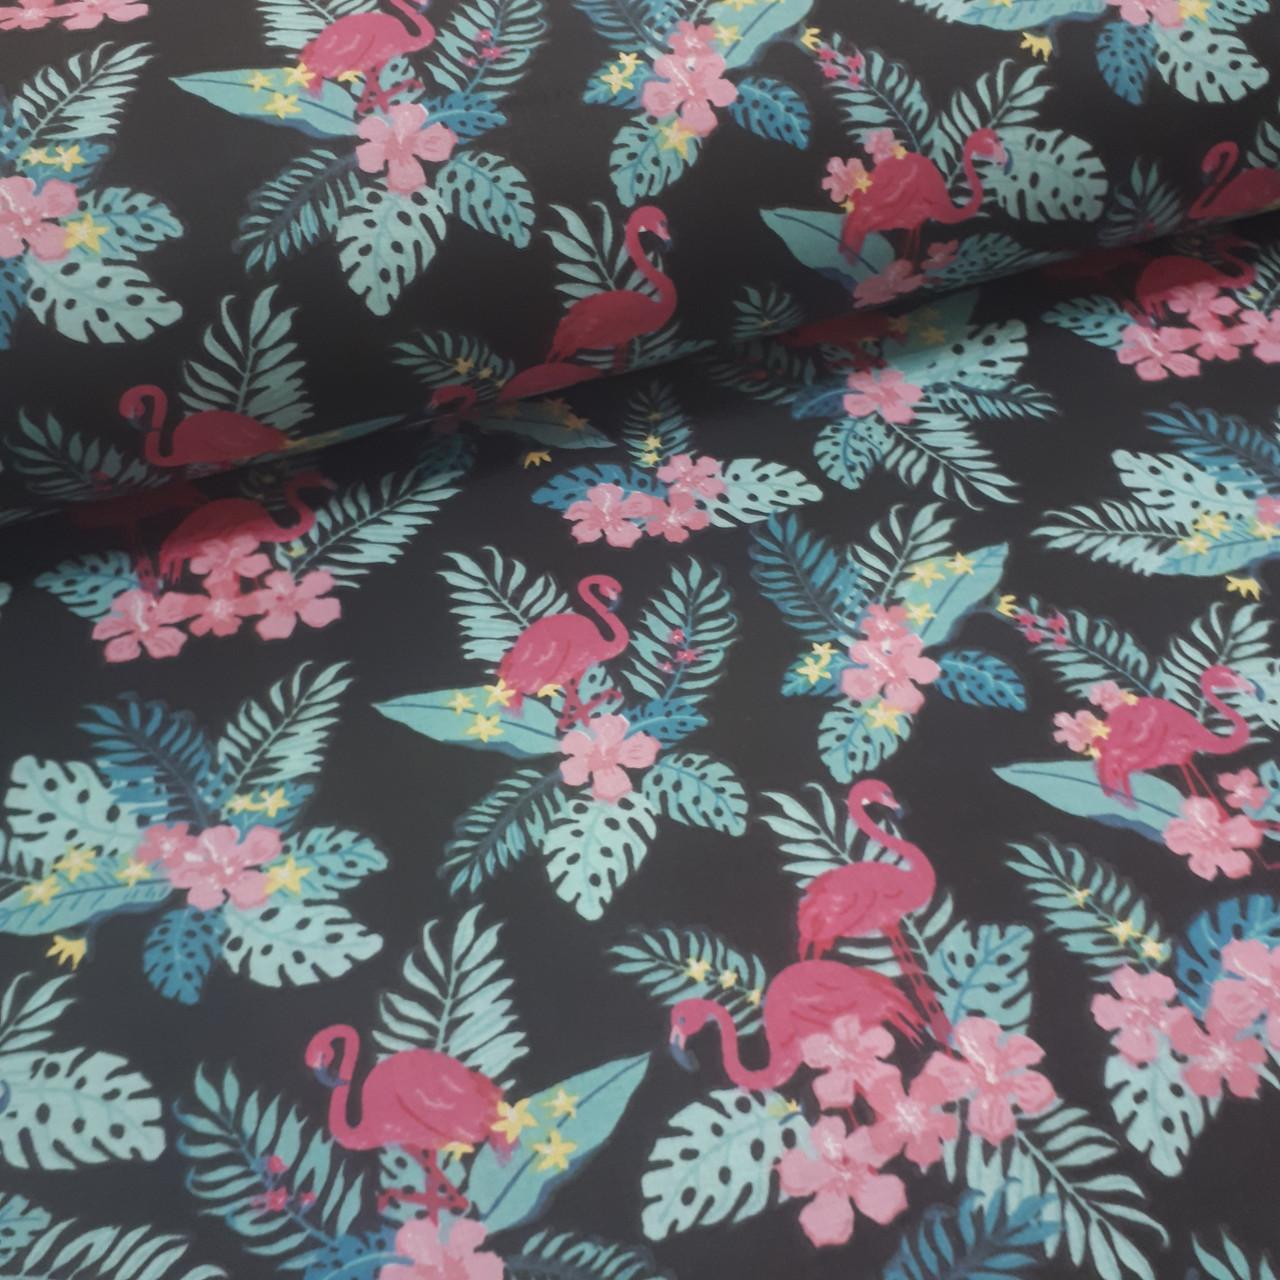 Ткань польская хлопковая, фламинго малиновые в цветах на черном